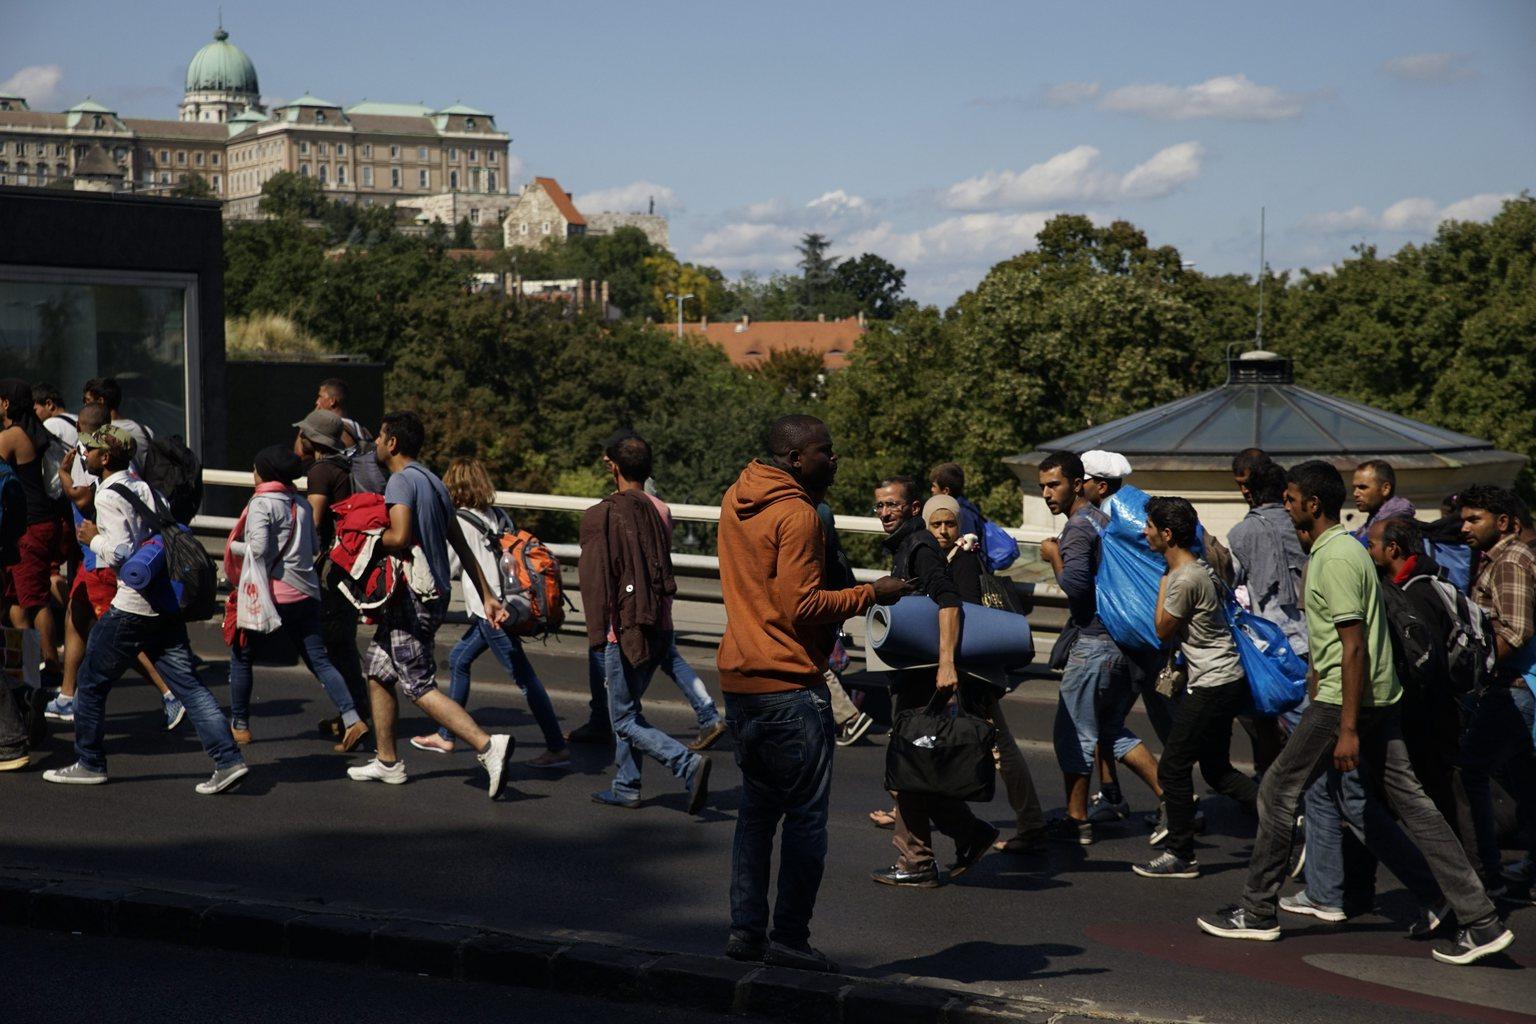 A Keleti pályaudvartól indult illegális bevándorlók vonulnak Budapesten, a Hegyalja úton - elmondásuk szerint Németországba tartanak - 2015. szeptember 4-én. MTI Fotó: Balogh Zoltán